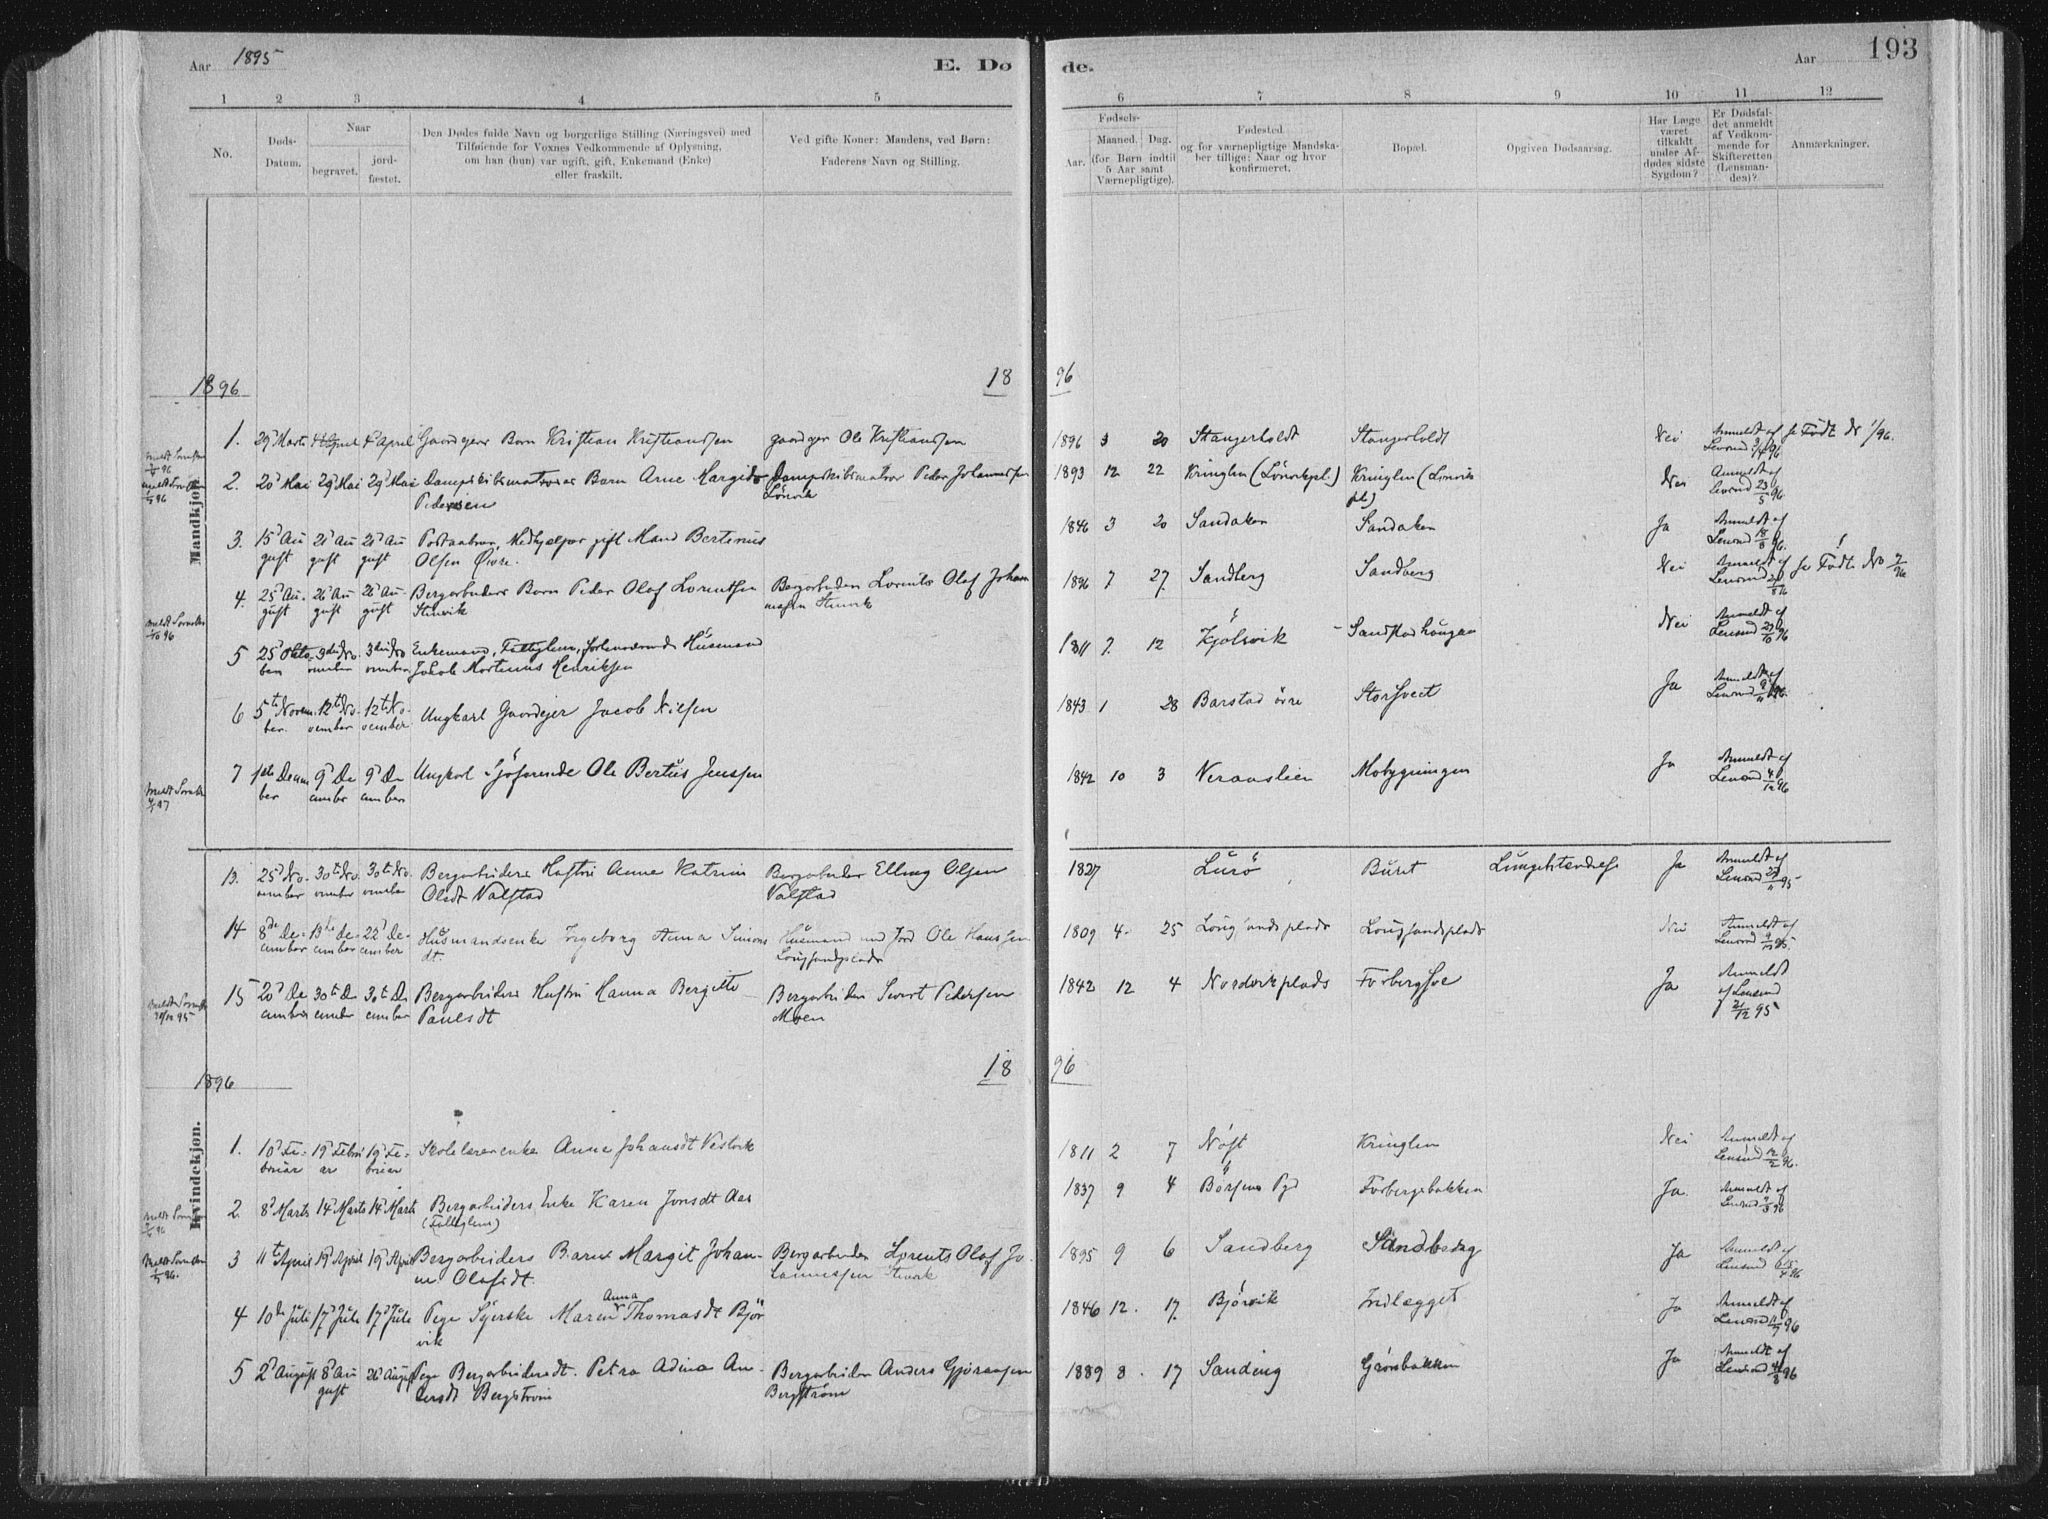 SAT, Ministerialprotokoller, klokkerbøker og fødselsregistre - Nord-Trøndelag, 722/L0220: Ministerialbok nr. 722A07, 1881-1908, s. 193